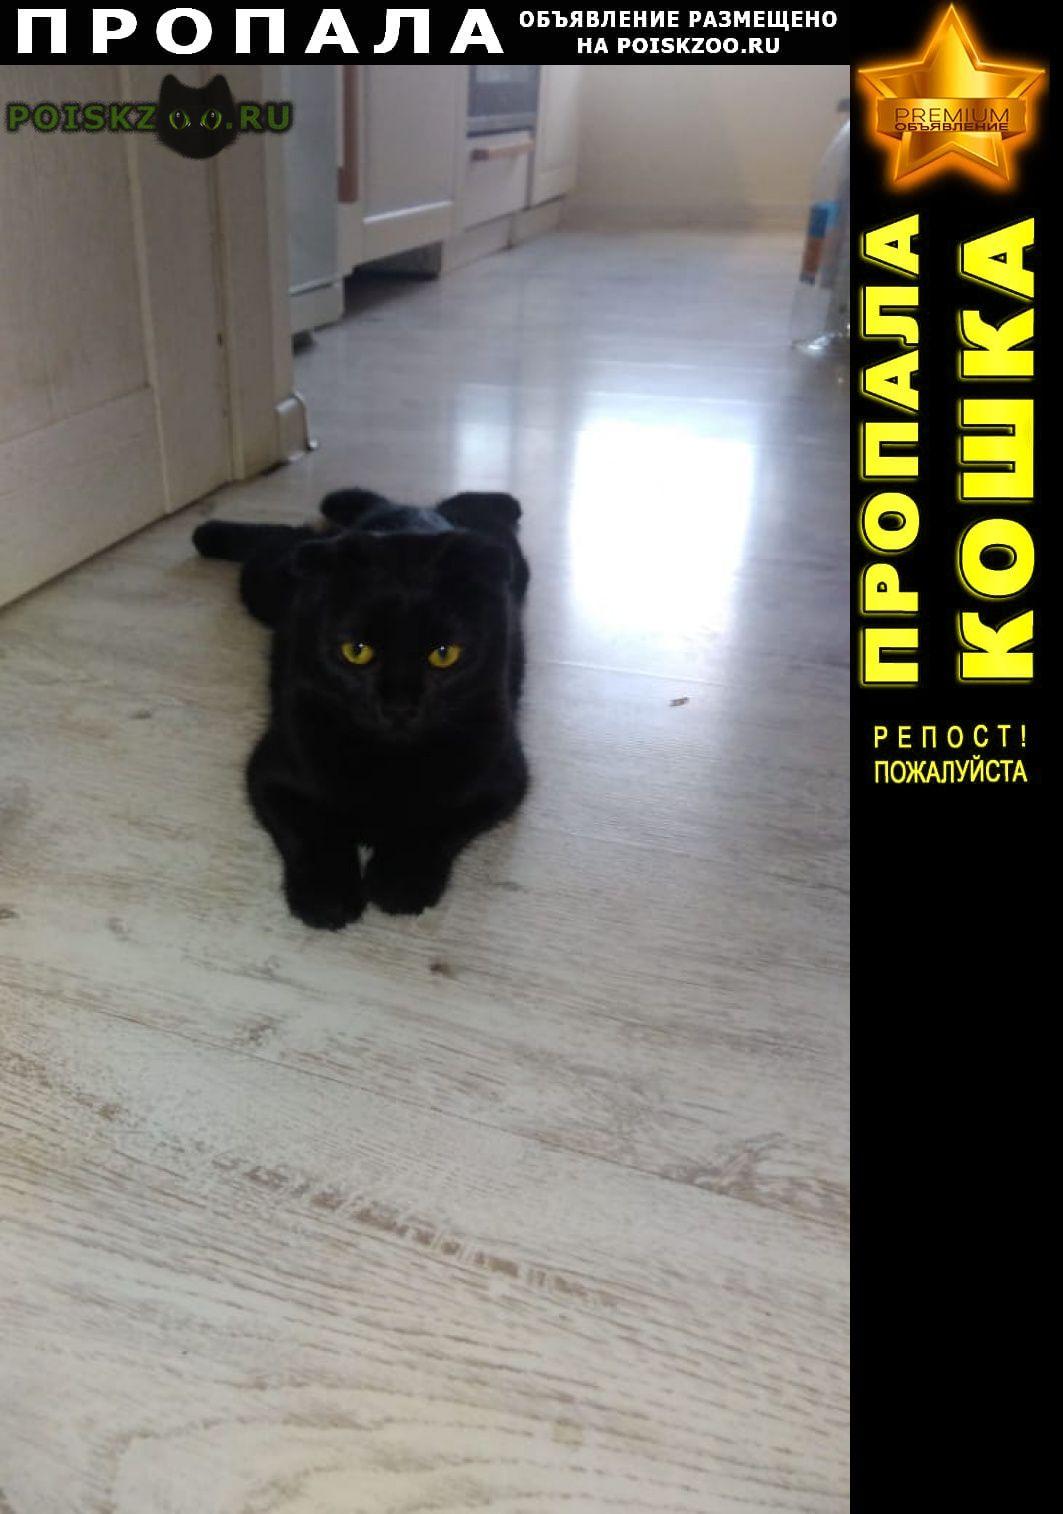 Пропала кошка шотландская вислоухая г.Краснодар